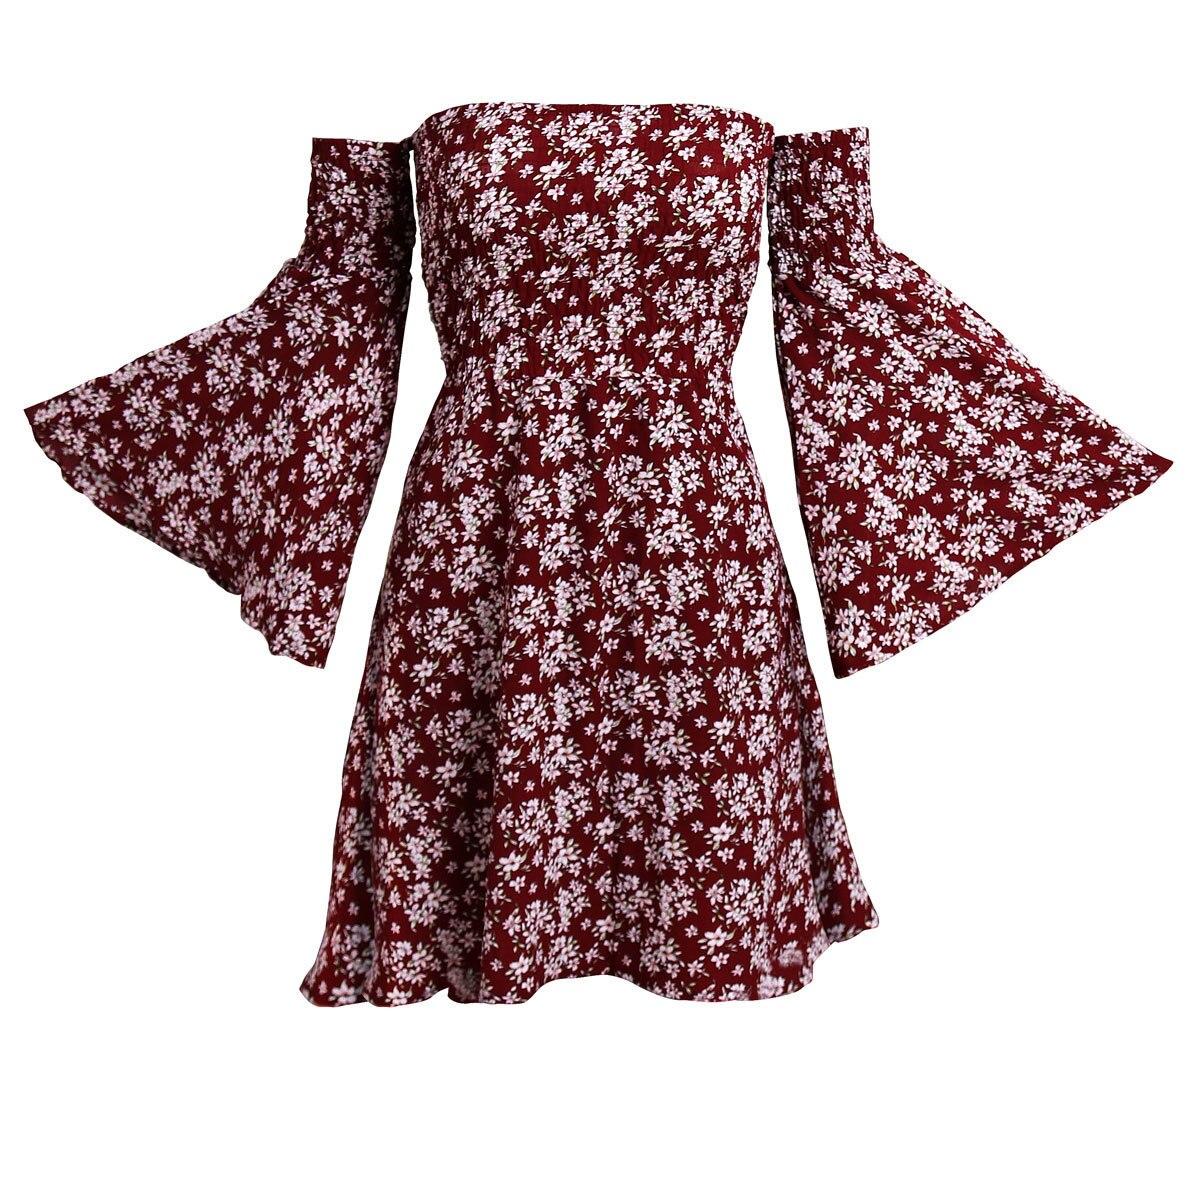 Ρομαντικό φόρεμα καλοκαιρινό μίνι στράπλες